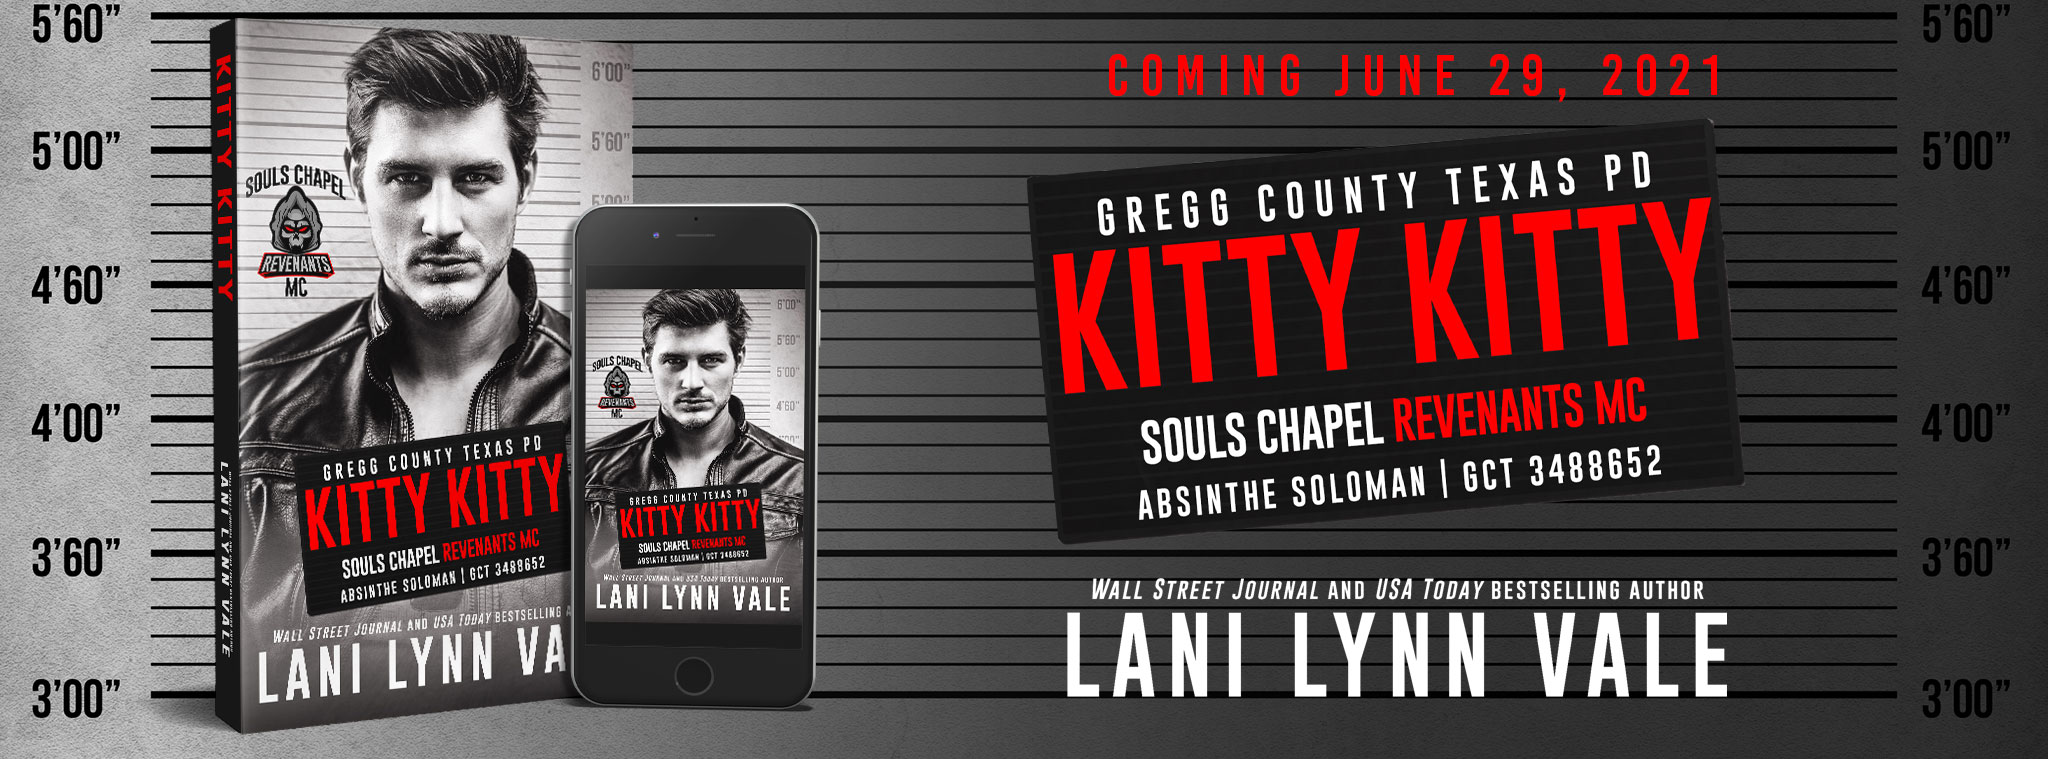 KittyKitty-banner